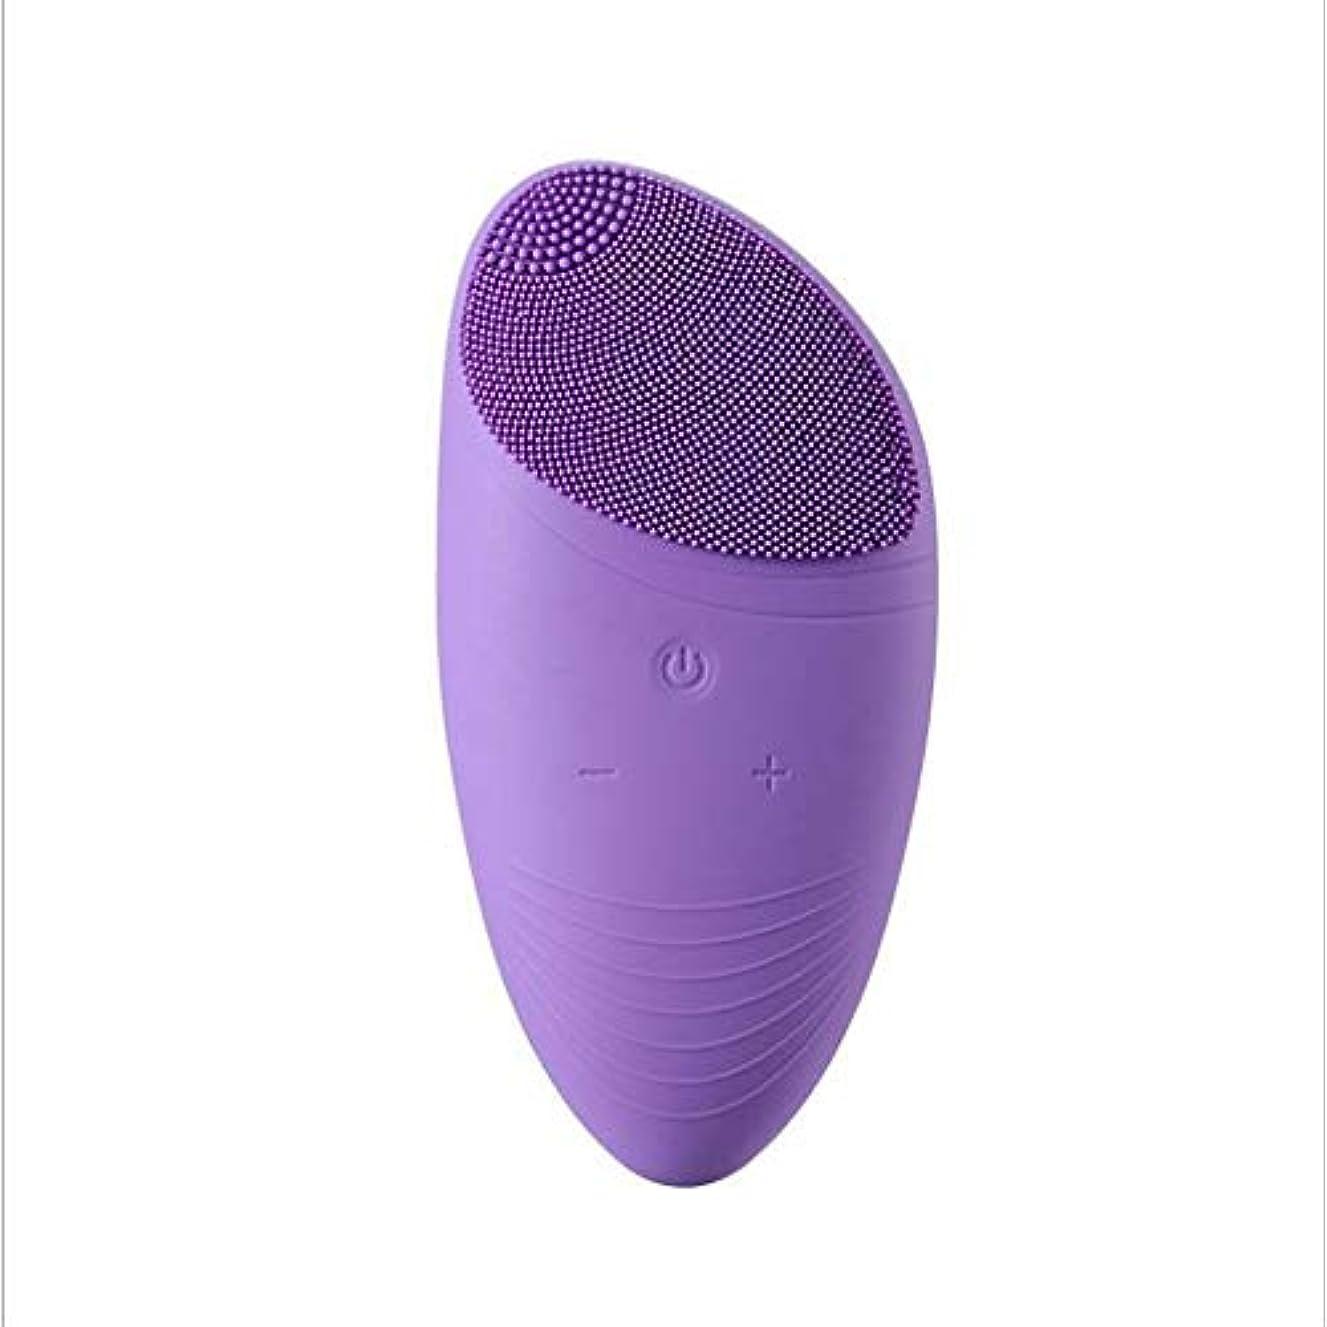 ジョットディボンドン下に風刺洗顔ブラシ、電気シリコーン充電式防水アンチエイジングスキンクレンザーと男性&女性のためのディープエクスフォリエーターのメイクツールマッサージャーソニックフェイス (Color : 紫の)